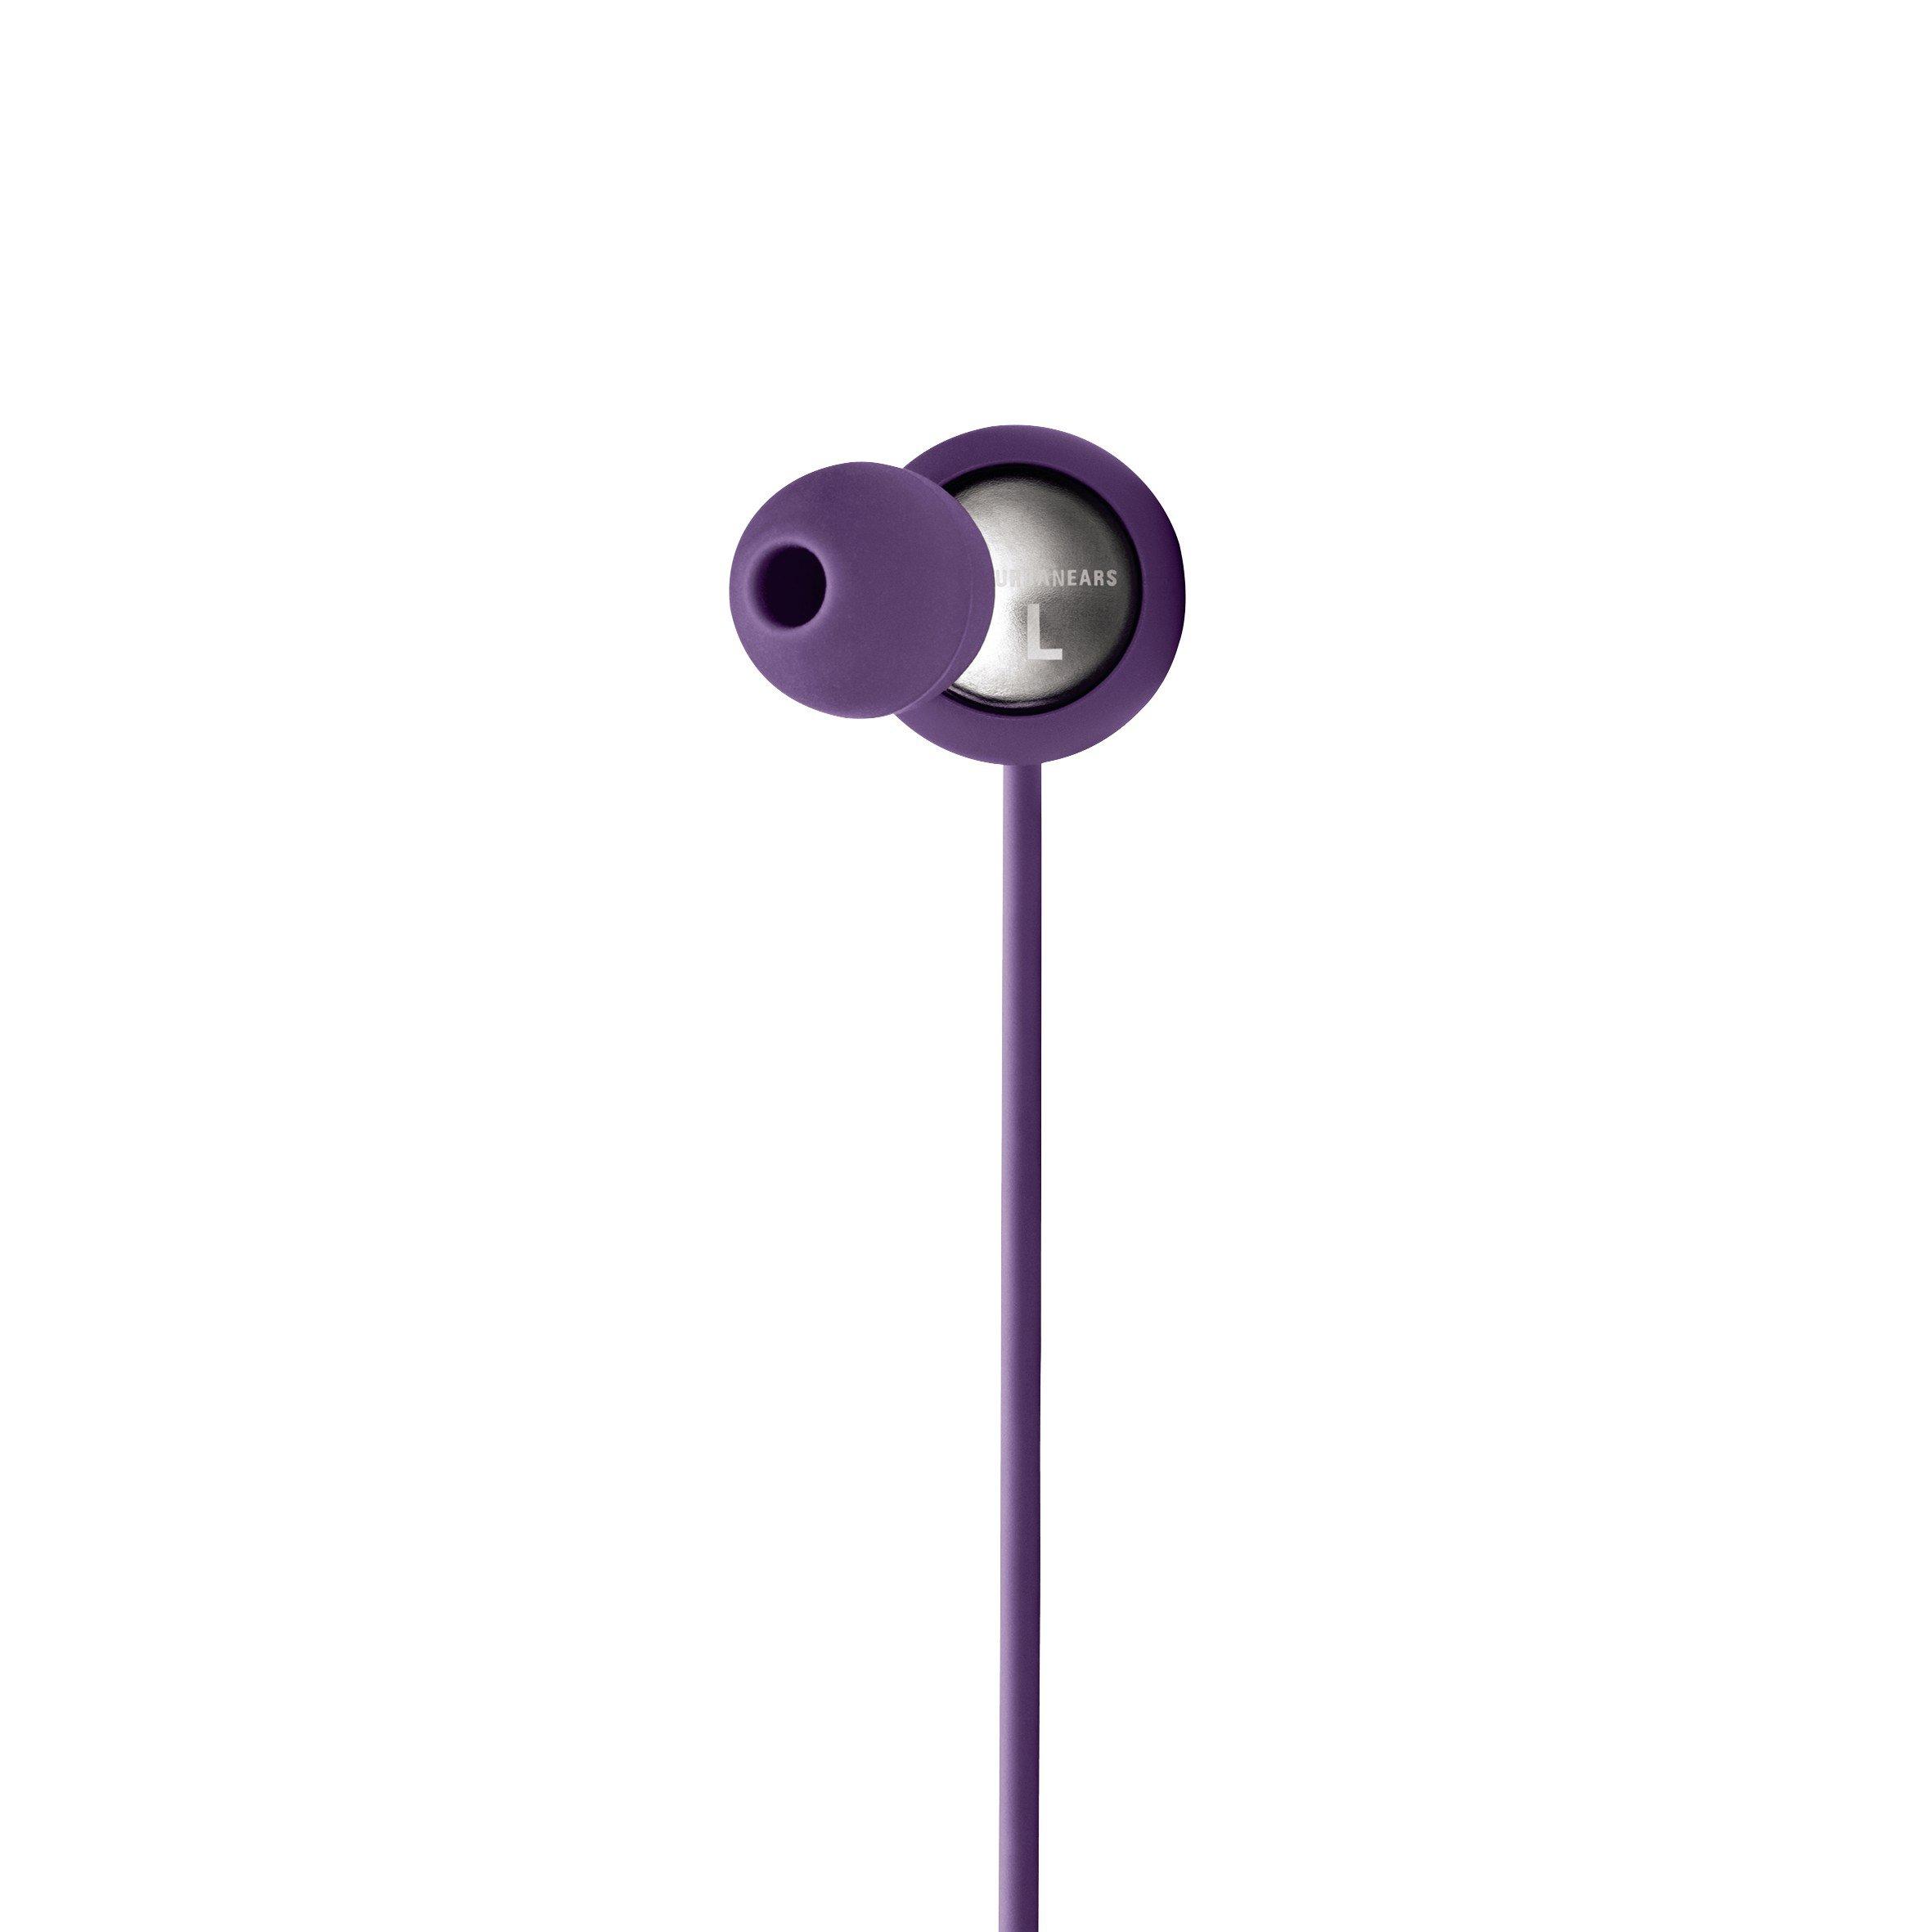 Urbanears Urbanears Kransen In Ear Headphones - Lilac